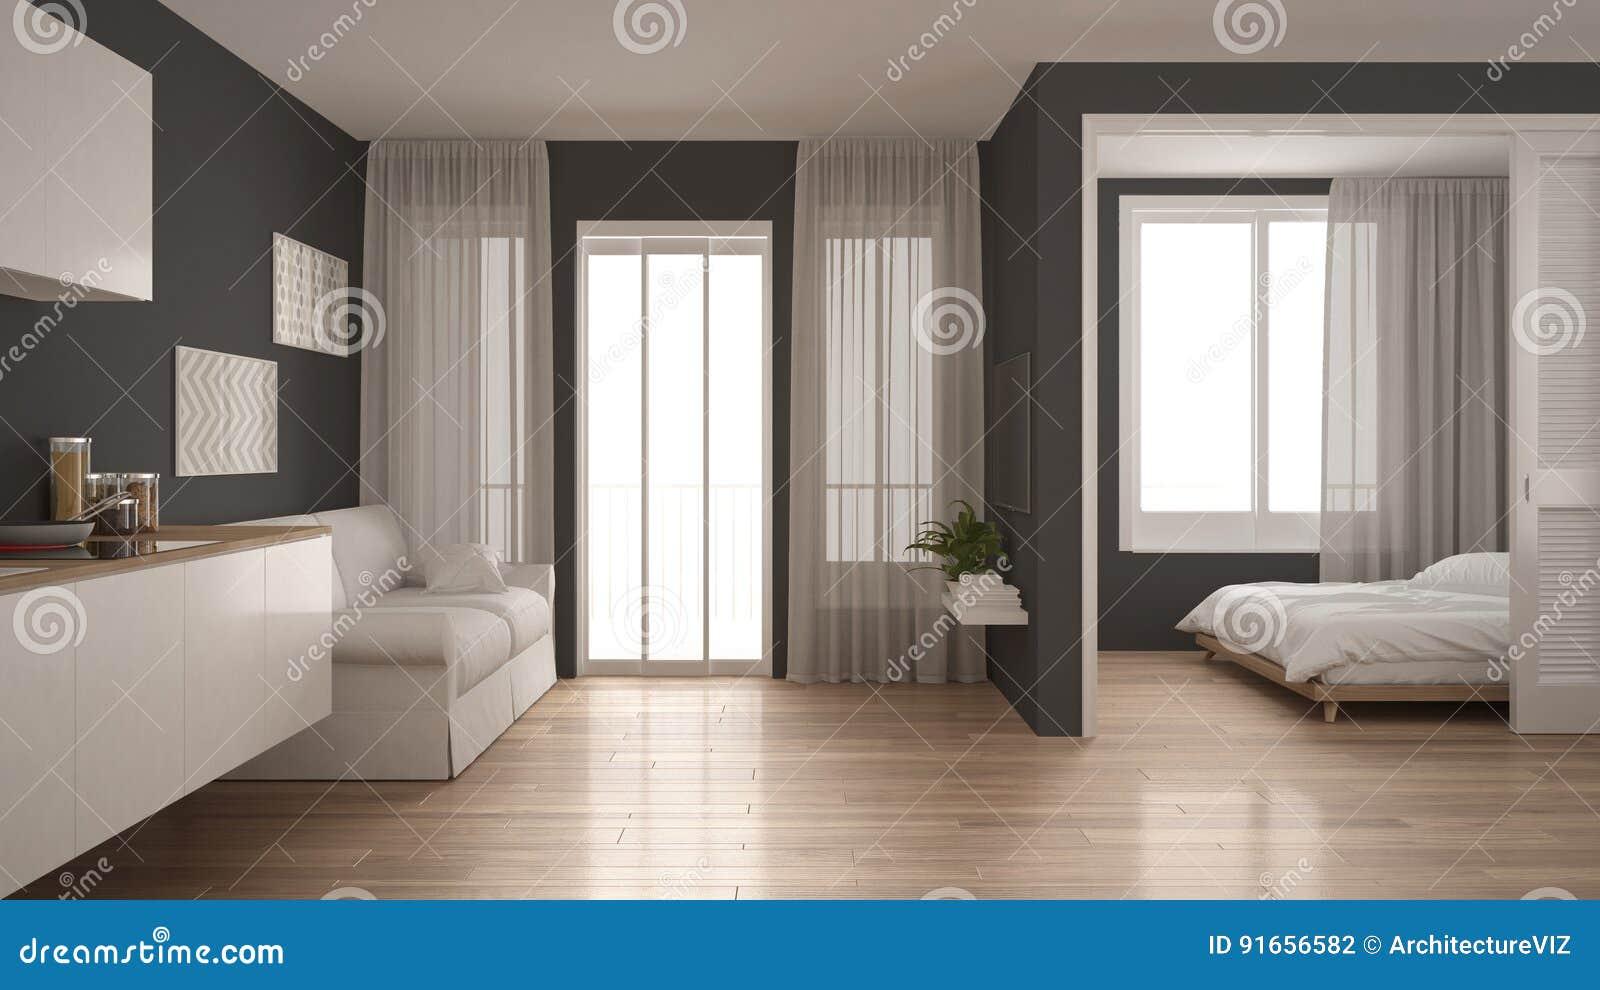 Camera Da Letto Bianco E Grigio : Piccolo appartamento con la cucina il salone e la camera da letto